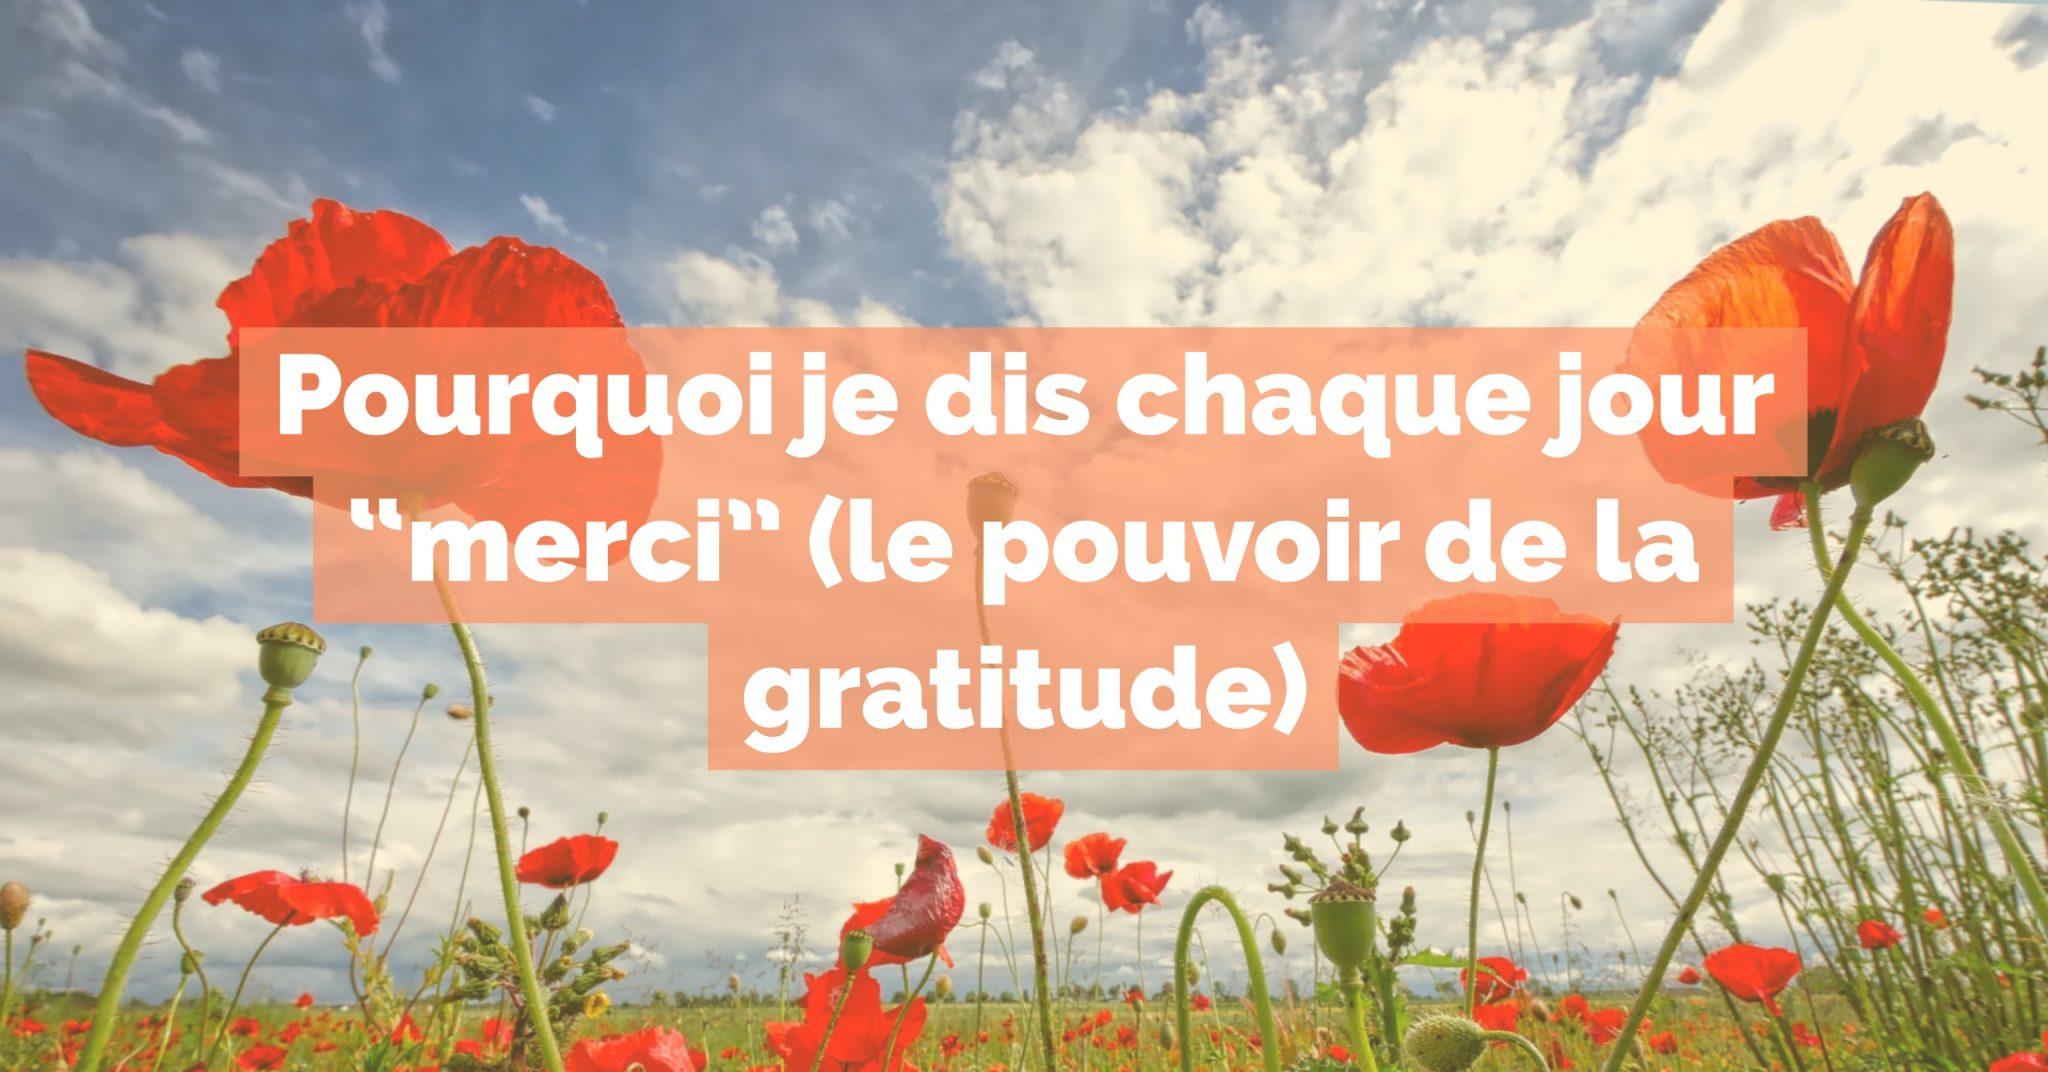 Pourquoi Je Dis Chaque Jour Merci Le Pouvoir De La Gratitude